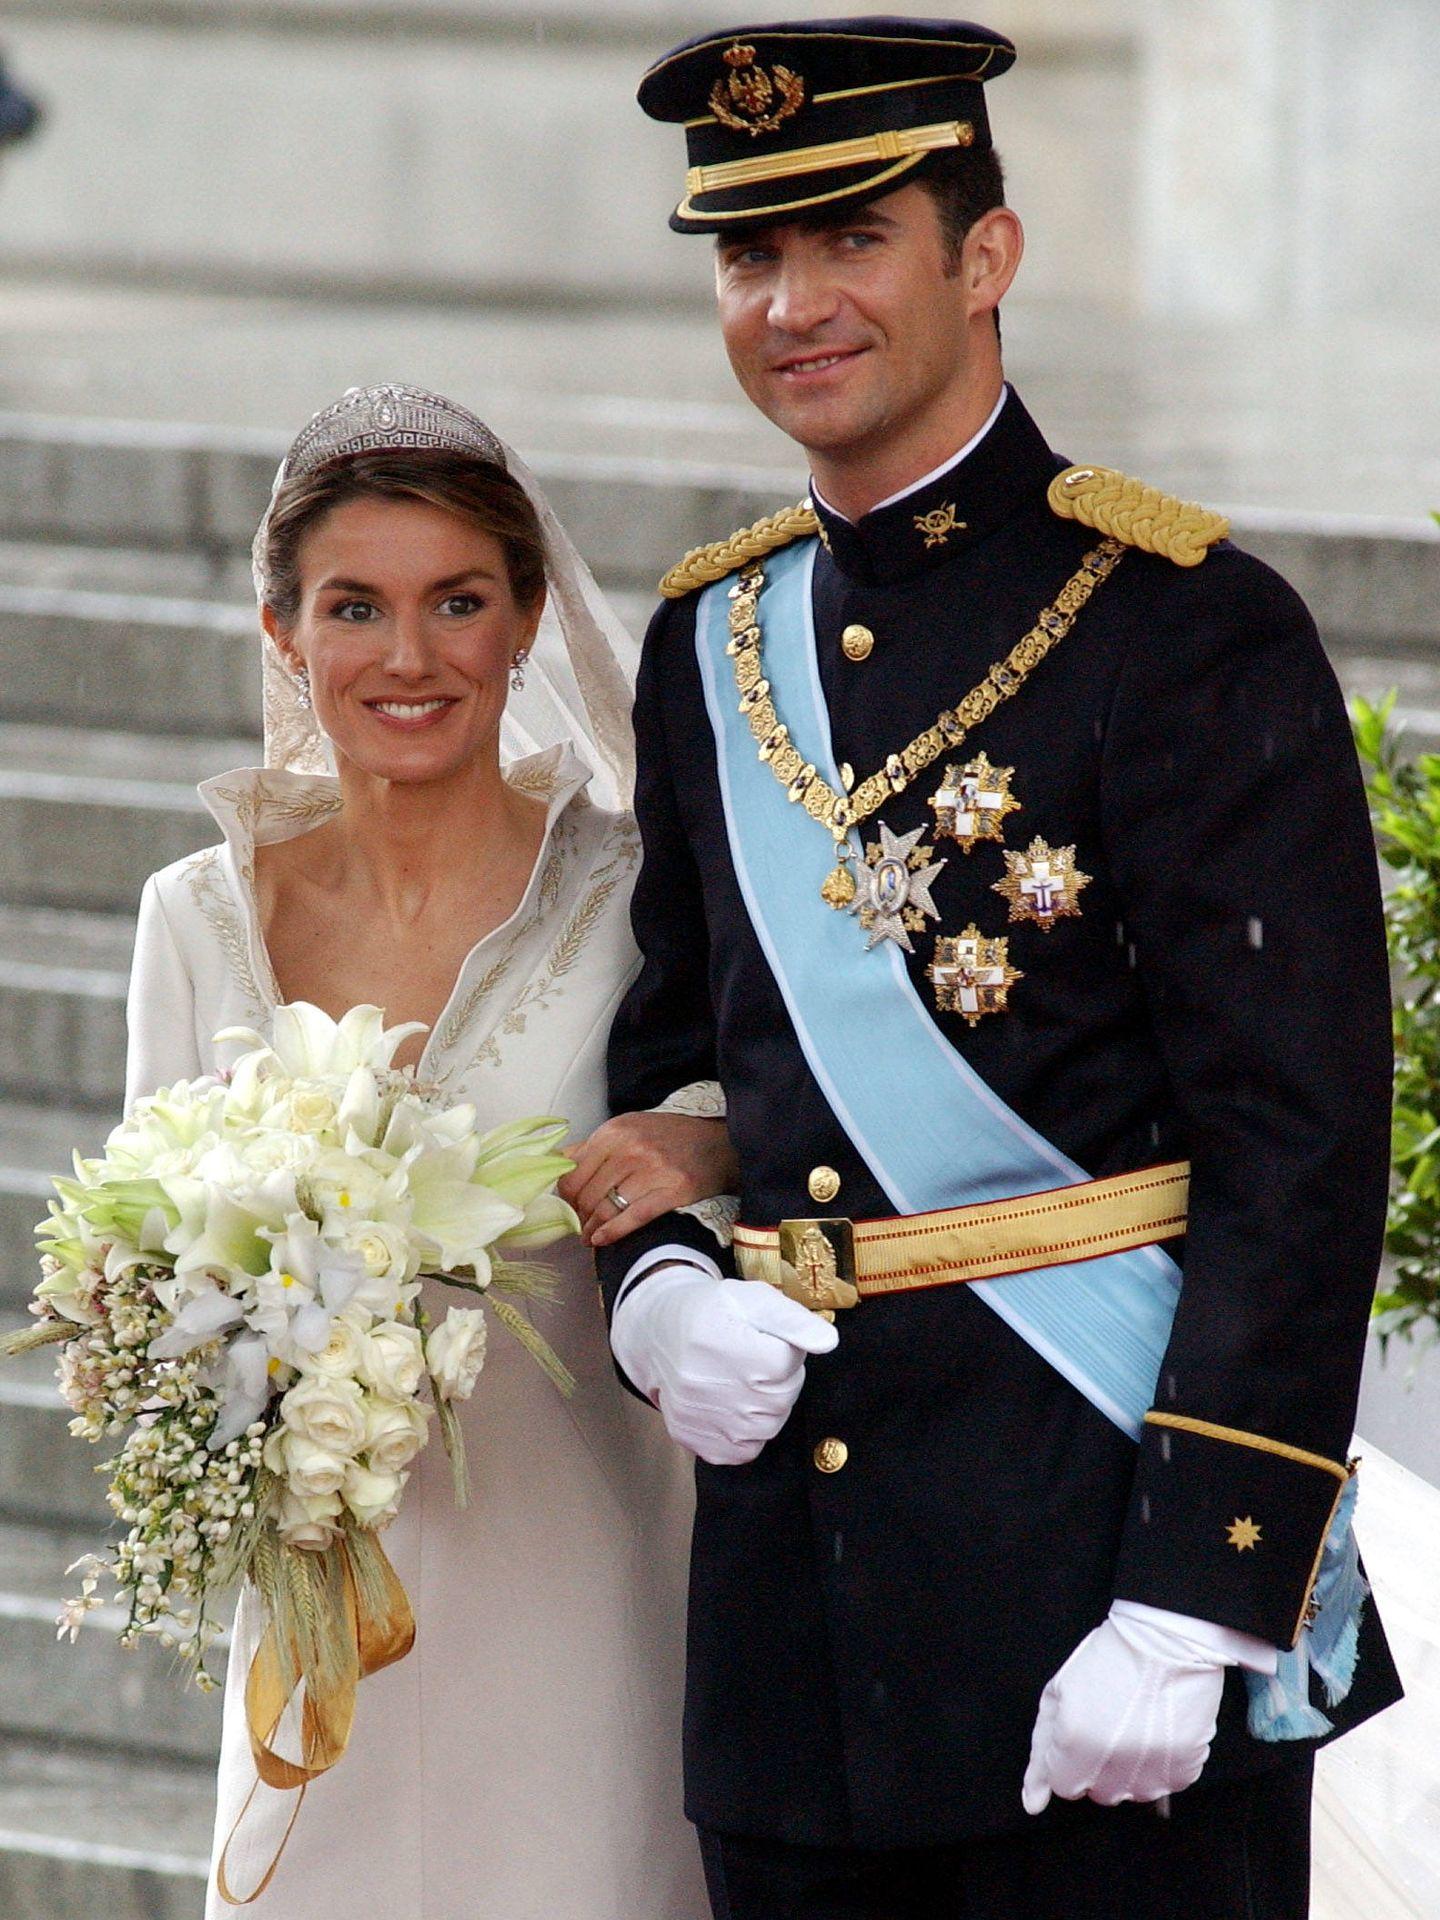 La boda de los Reyes. (Getty)